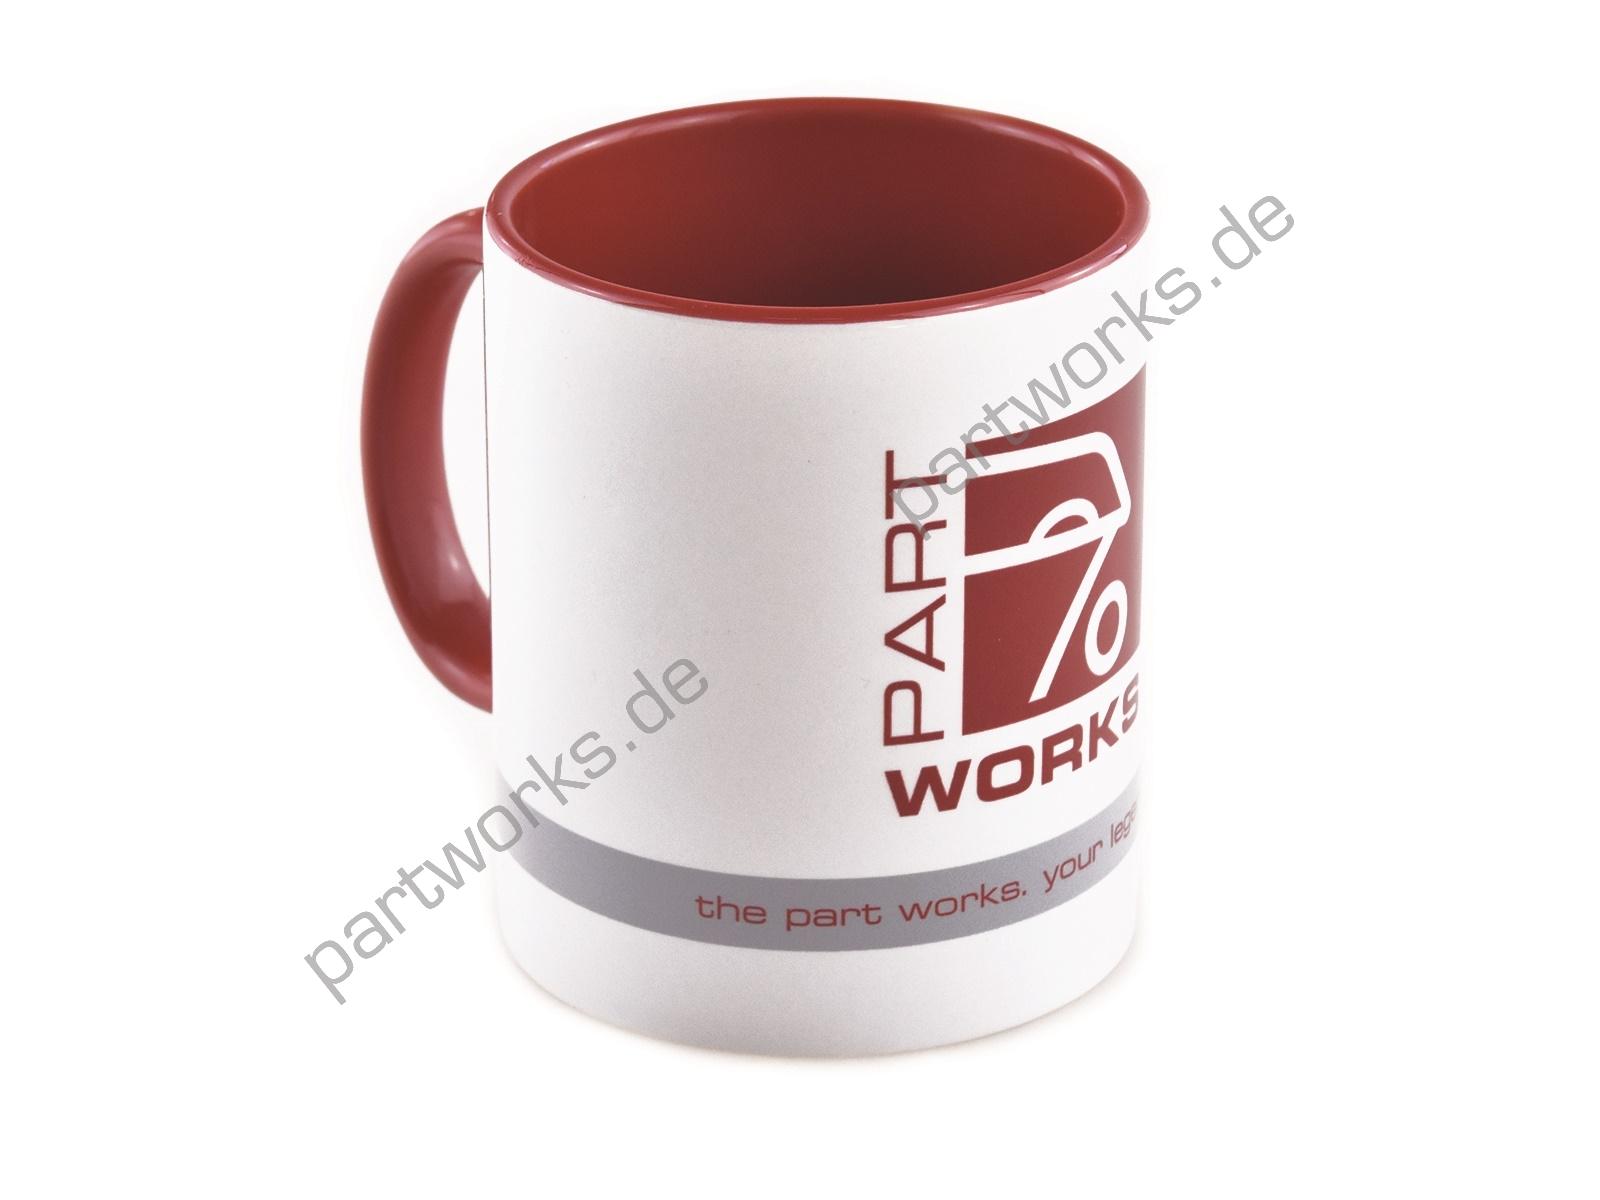 Partworks Kaffeebecher für Porsche 911 944 928 Fans